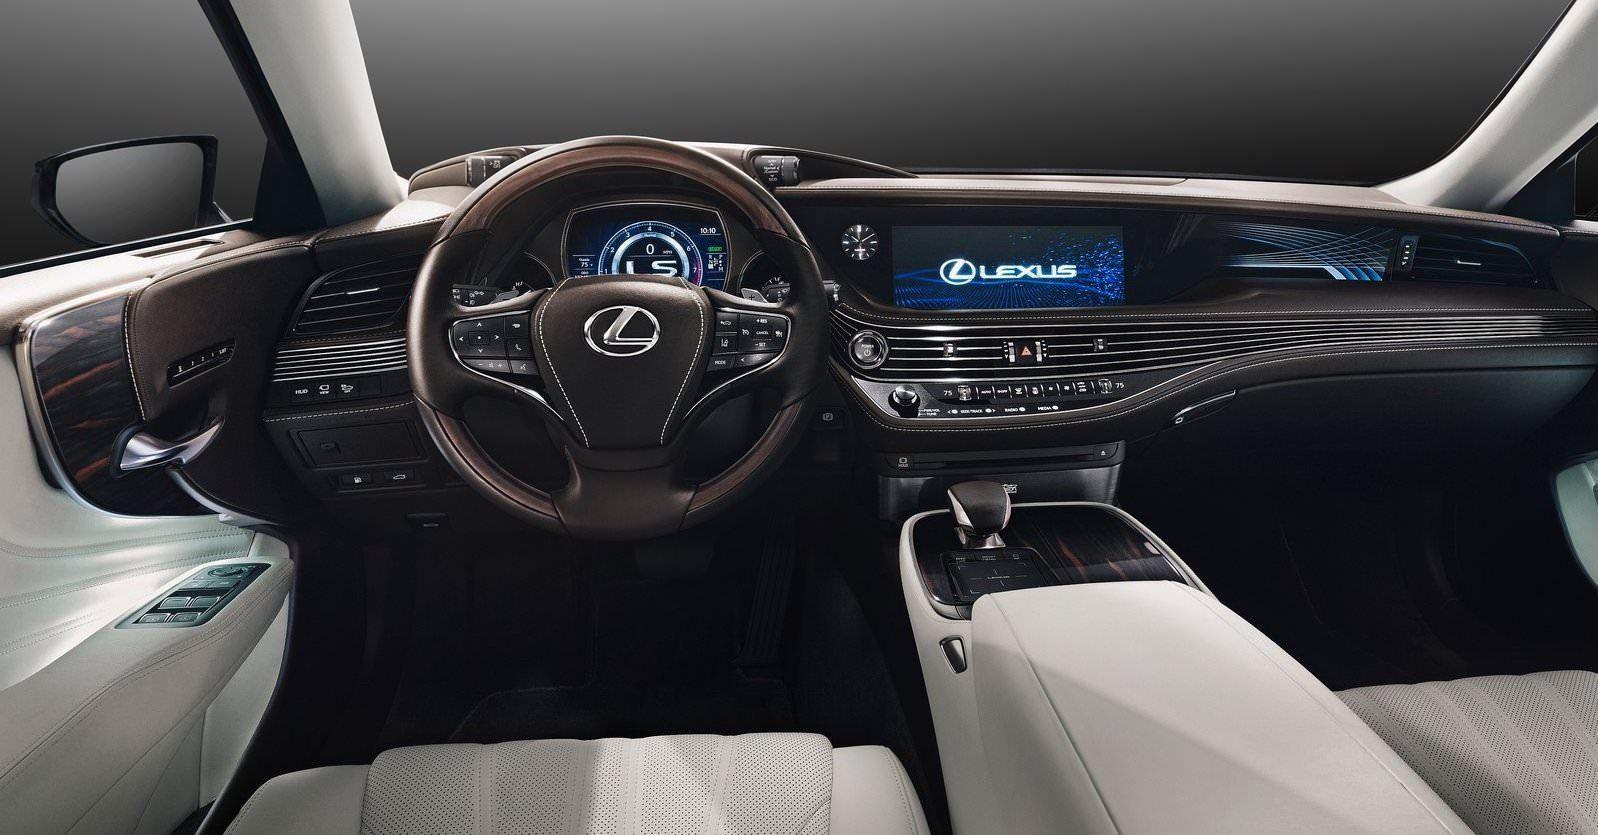 Https Www Drivelife Co Nz Wp Content Uploads 2017 03 2018 Lexus Ls Interior 01 Jpg In 2020 Lexus Ls Lexus Interior